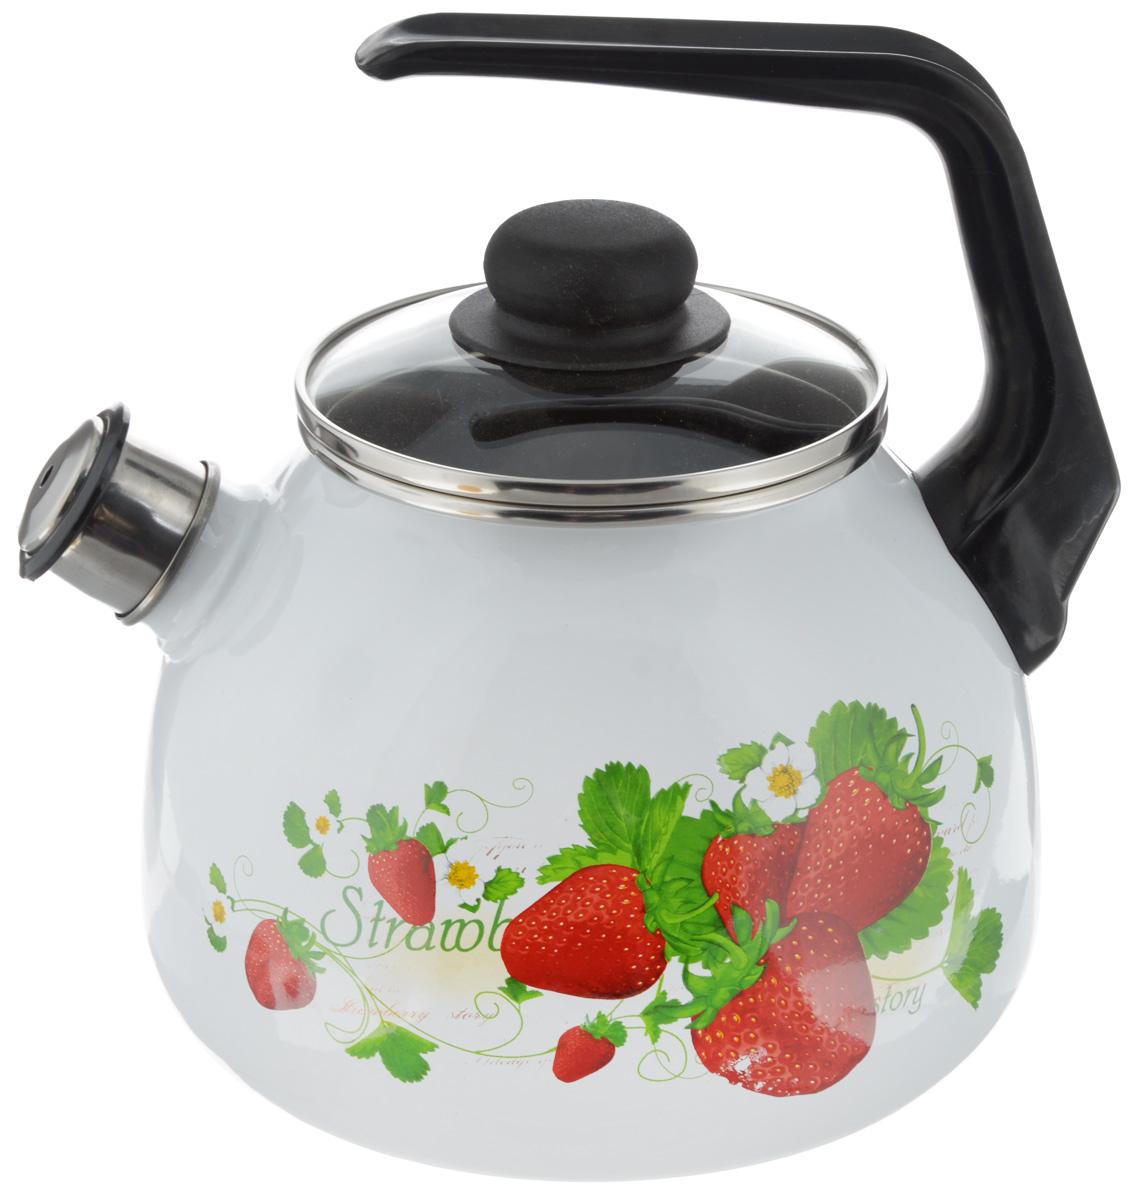 Чайник Vitross Strawberry, со свистком, цвет: белый, красный, 3 лVT-1520(SR)Чайник Vitross Strawberry изготовлен из высококачественной нержавеющей стали с эмалированным покрытием. Нержавеющая сталь обладает высокой устойчивостью к коррозии, не вступает в реакцию с холодными и горячими продуктами и полностью сохраняет их вкусовые качества. Особая конструкция дна способствует высокой теплопроводности и равномерному распределению тепла. Чайник оснащен удобной ручкой. Носик чайника имеет снимающийся свисток, звуковой сигнал которого подскажет, когда закипит вода. Подходит для всех типов плит, включая индукционные. Можно мыть в посудомоечной машине.Диаметр чайника (по верхнему краю): 12,5 см.Высота чайника (без учета ручки и крышки): 15 см.Высота чайника (с учетом ручки): 23 см.